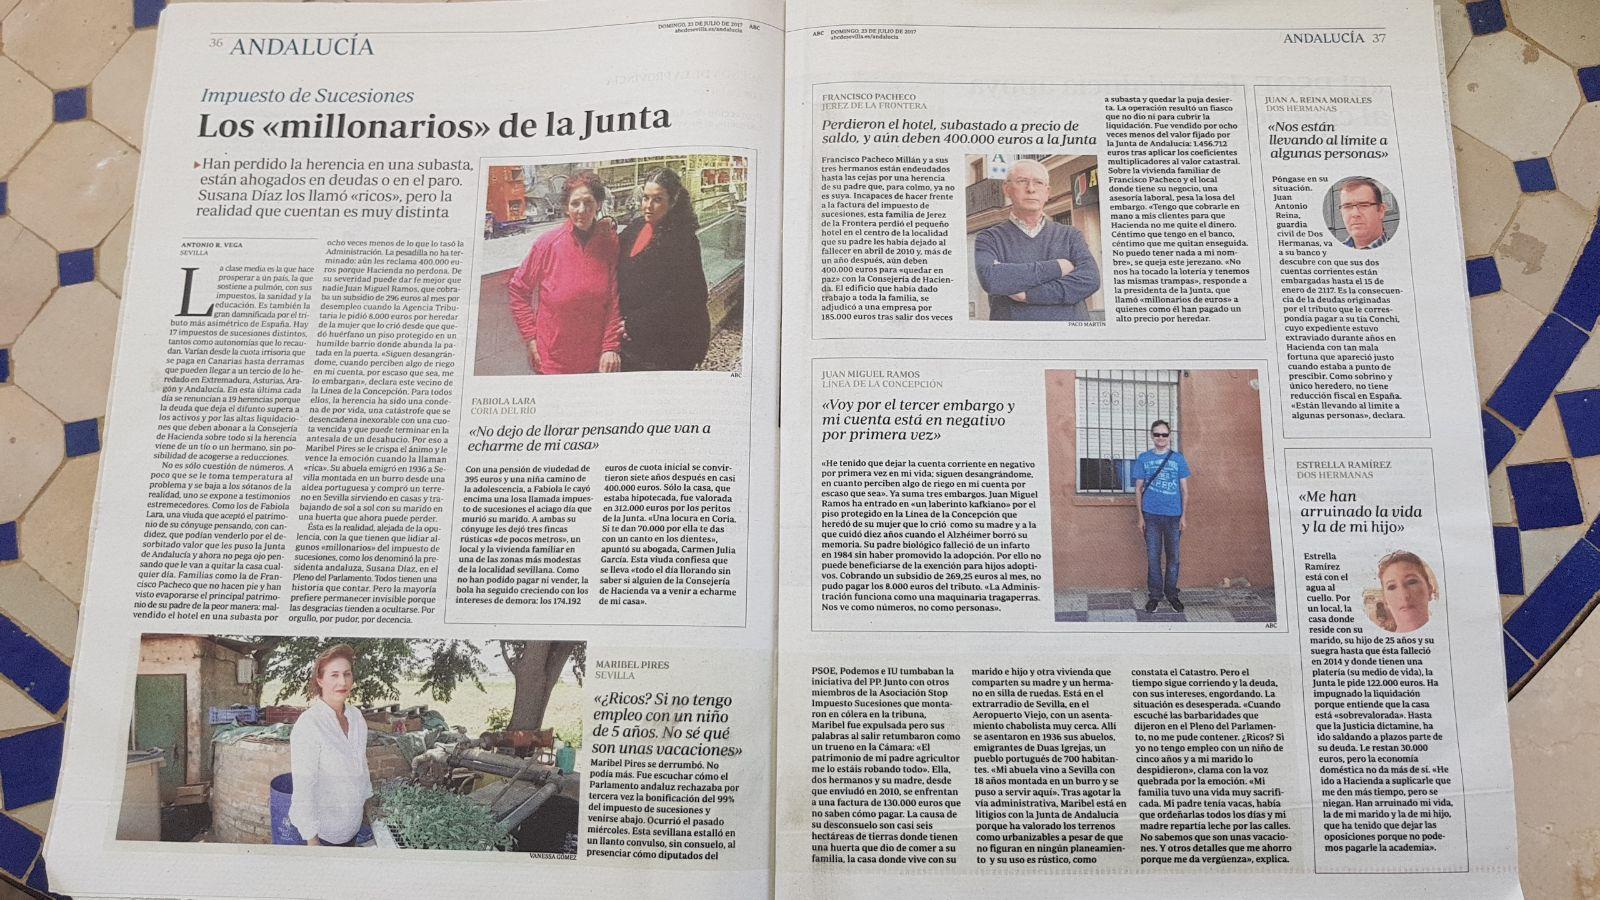 Más información en:http://sevilla.abc.es/andalucia/sevi-cruda-realidad-millonarios-impuesto-sucesiones-andalucia-201707230826_noticia.html